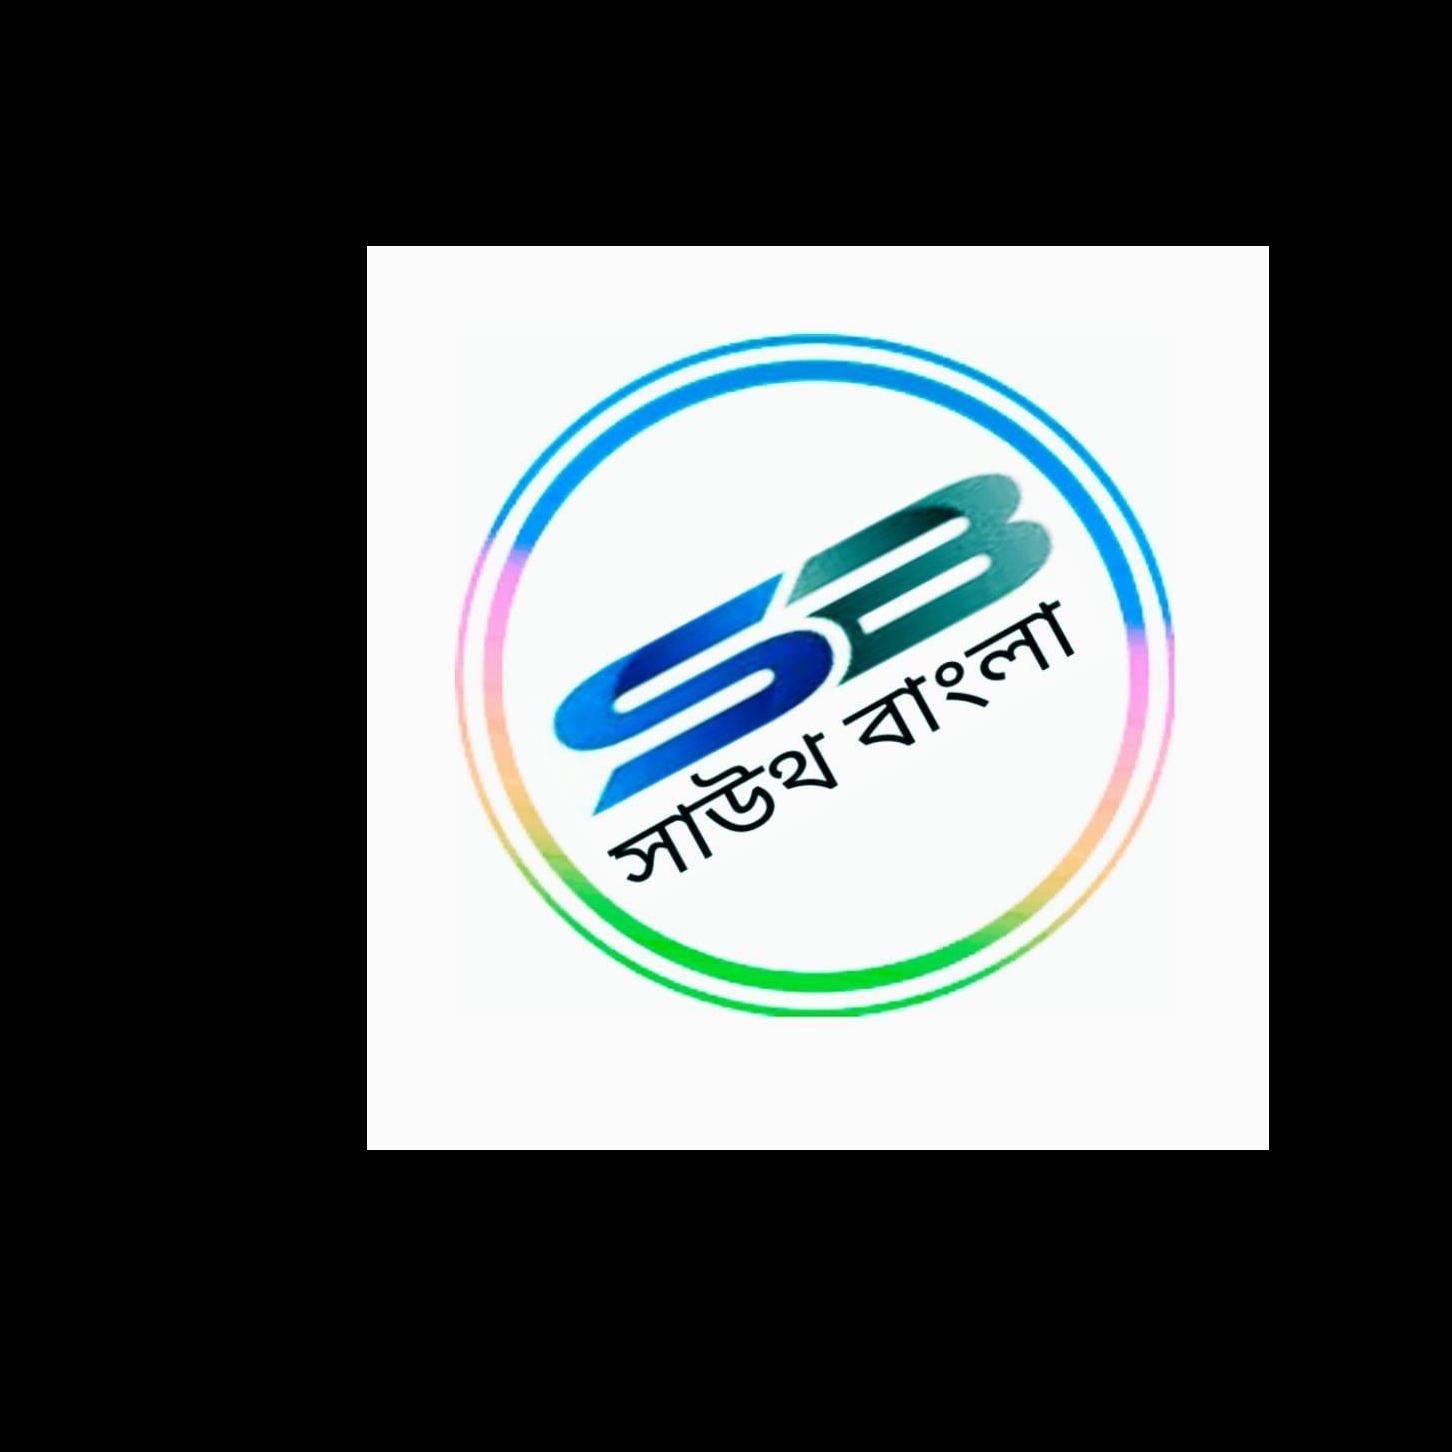 South Bangla Radio